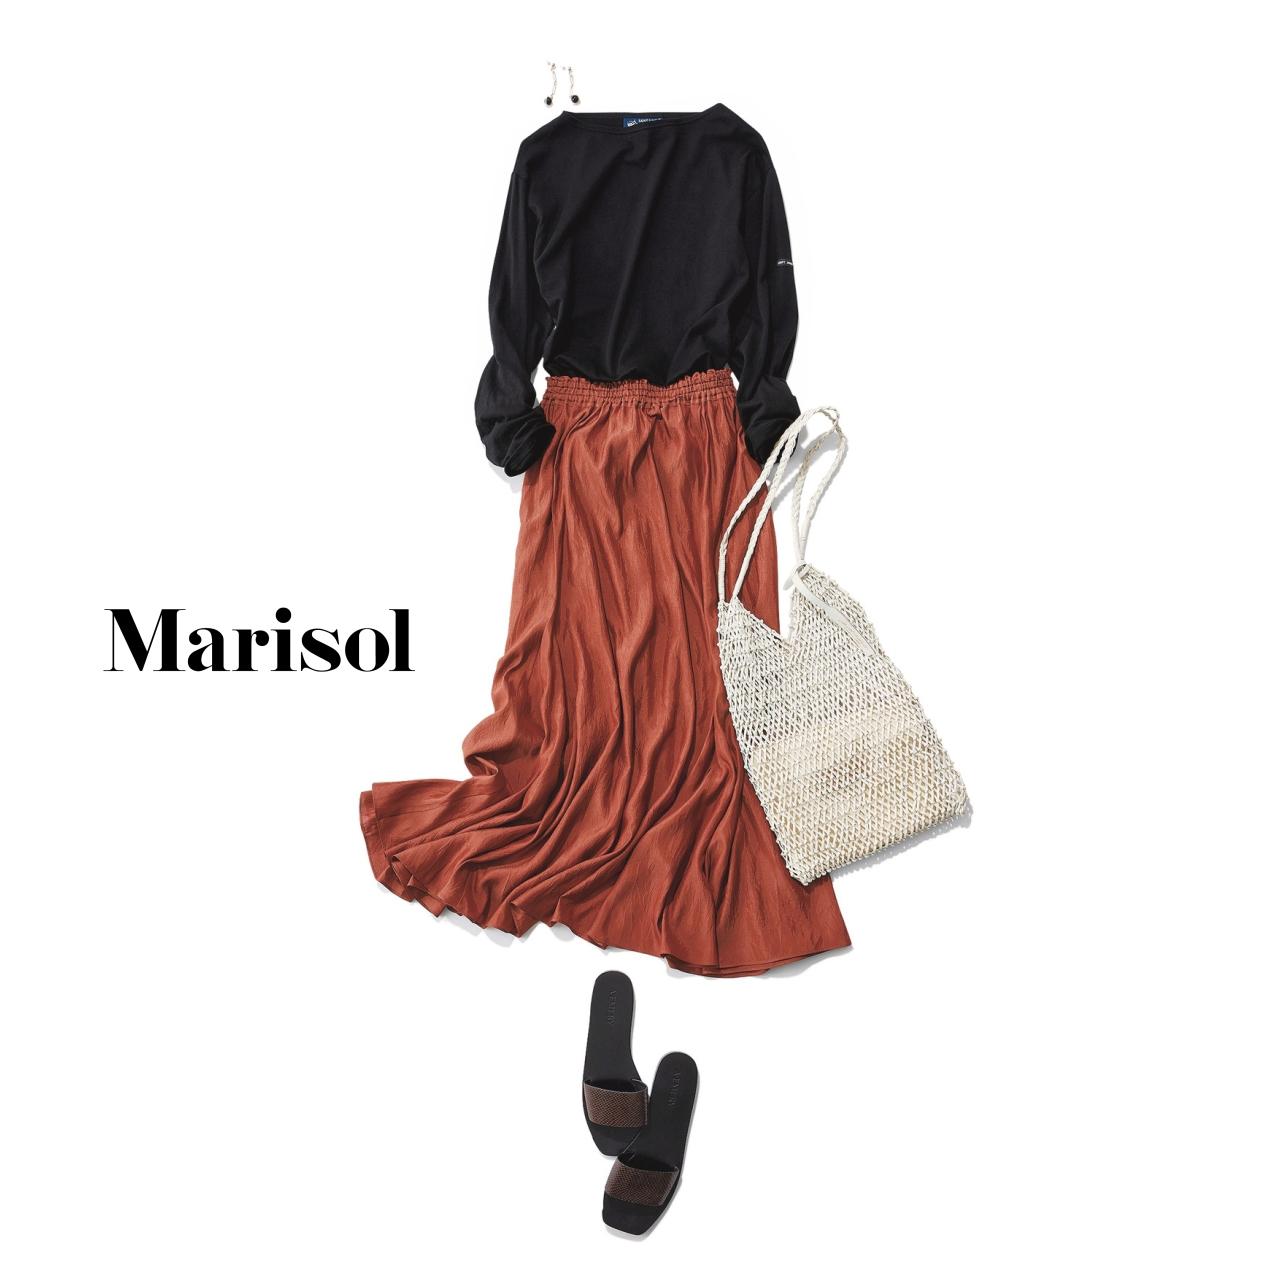 40代ファッション 黒ロングTシャツ×ブラウンスカートコーデ